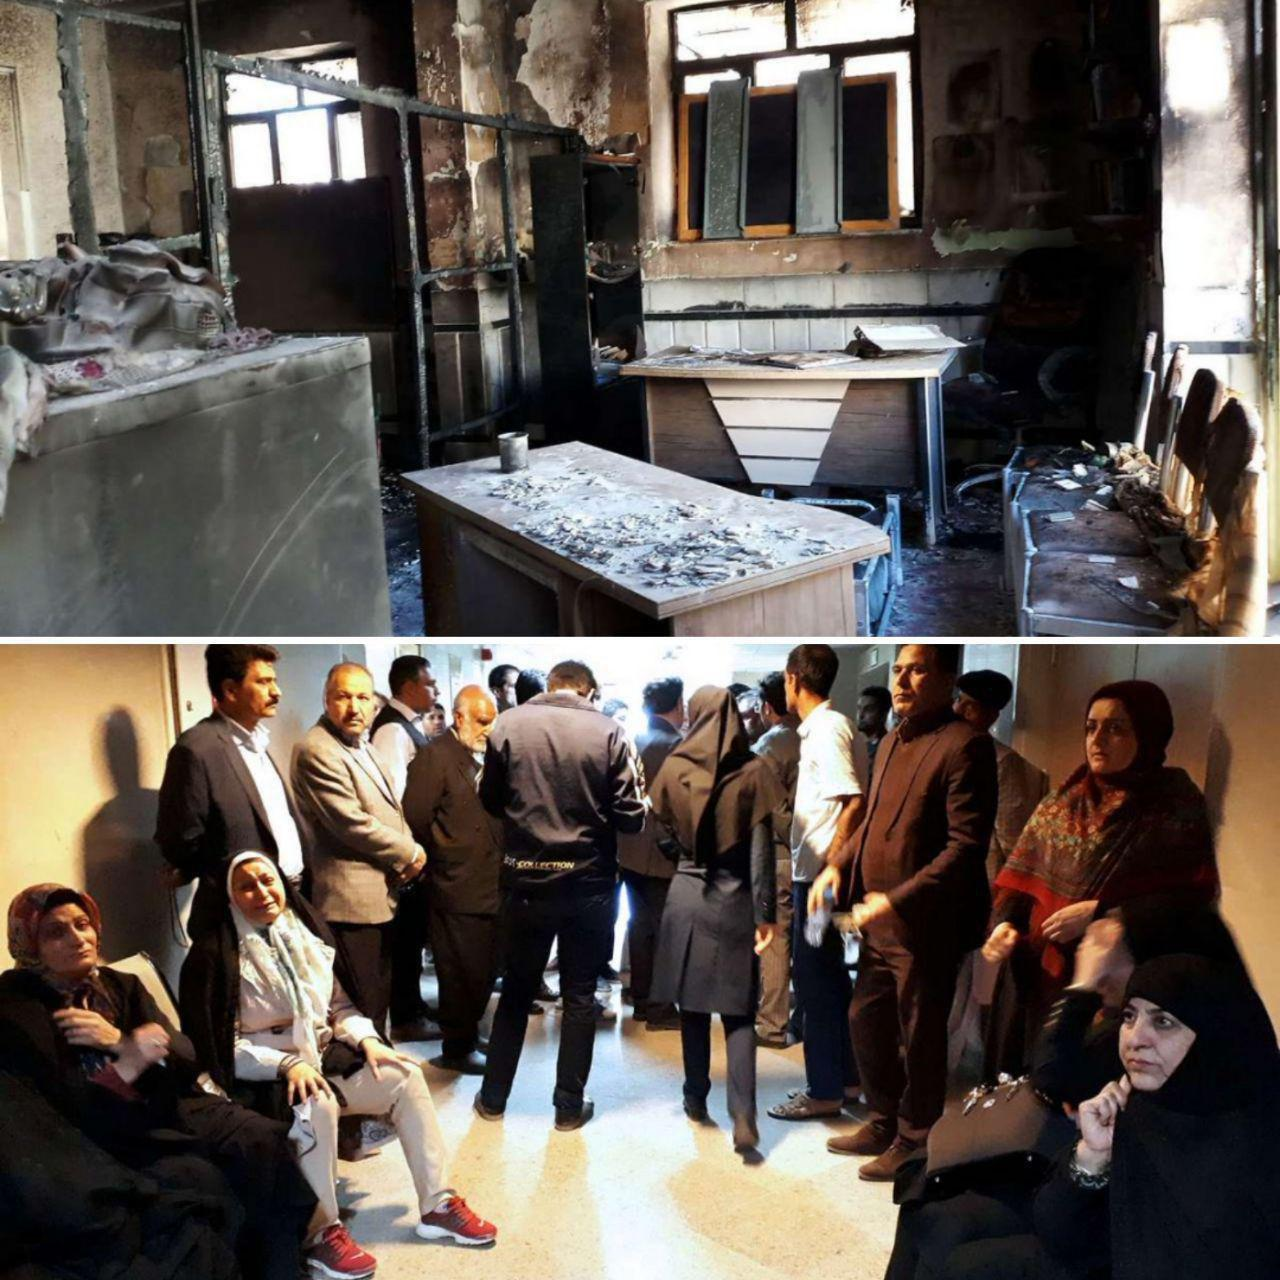 فوت سه دانش آموز در پی آتش سوزی یک مدرسه دخترانه در زاهدان+ تصاویر